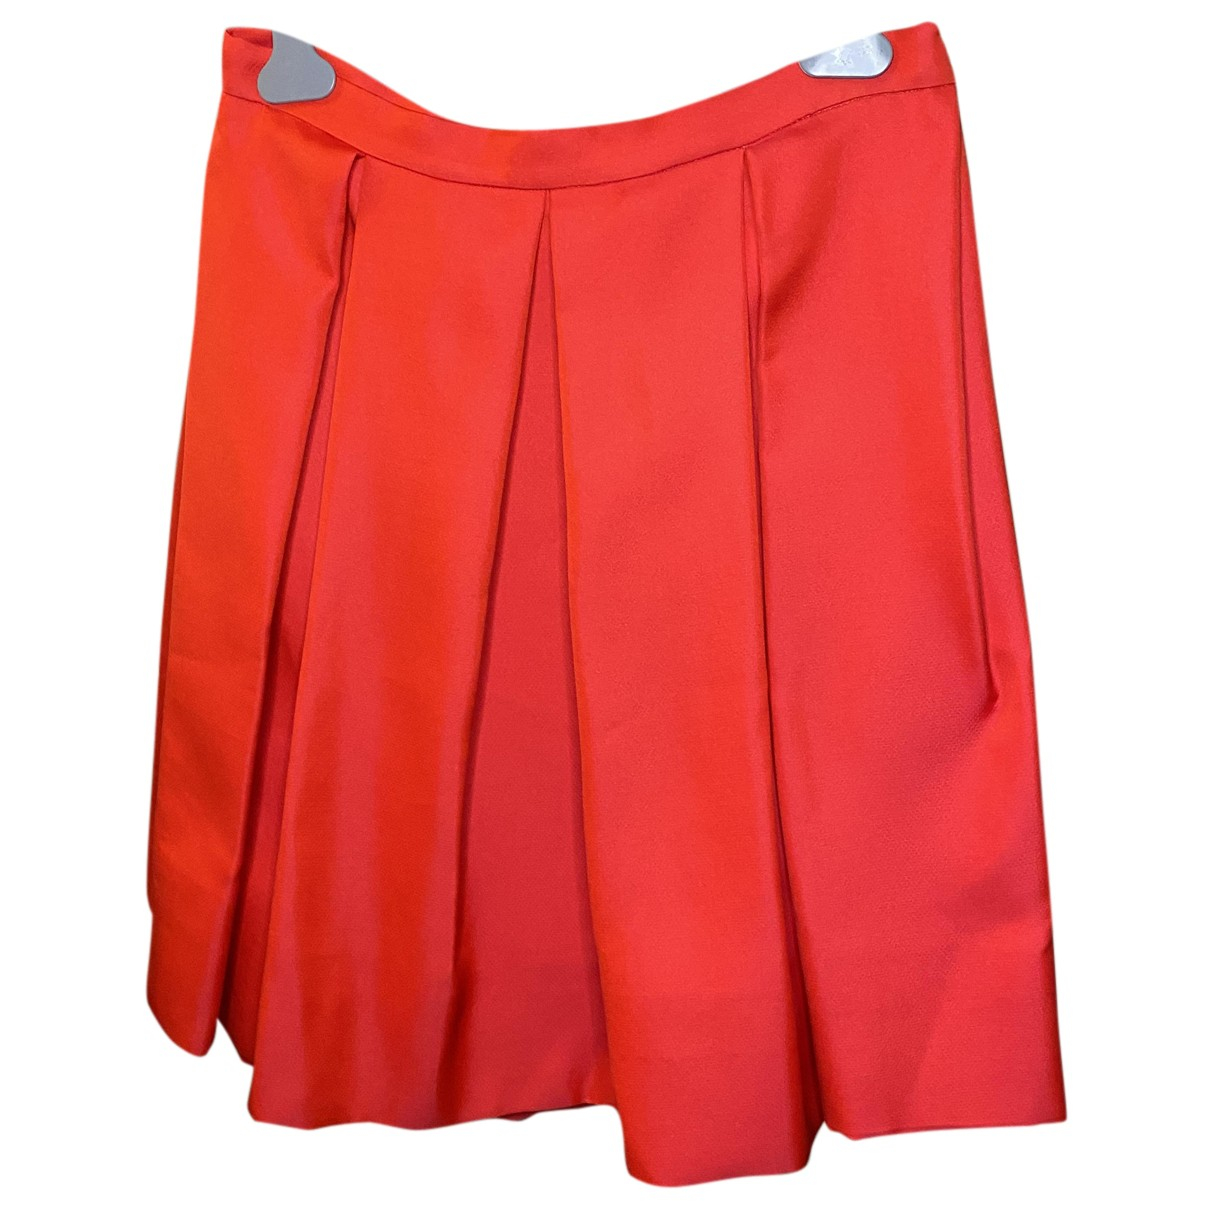 Prada N Red skirt for Women 46 IT